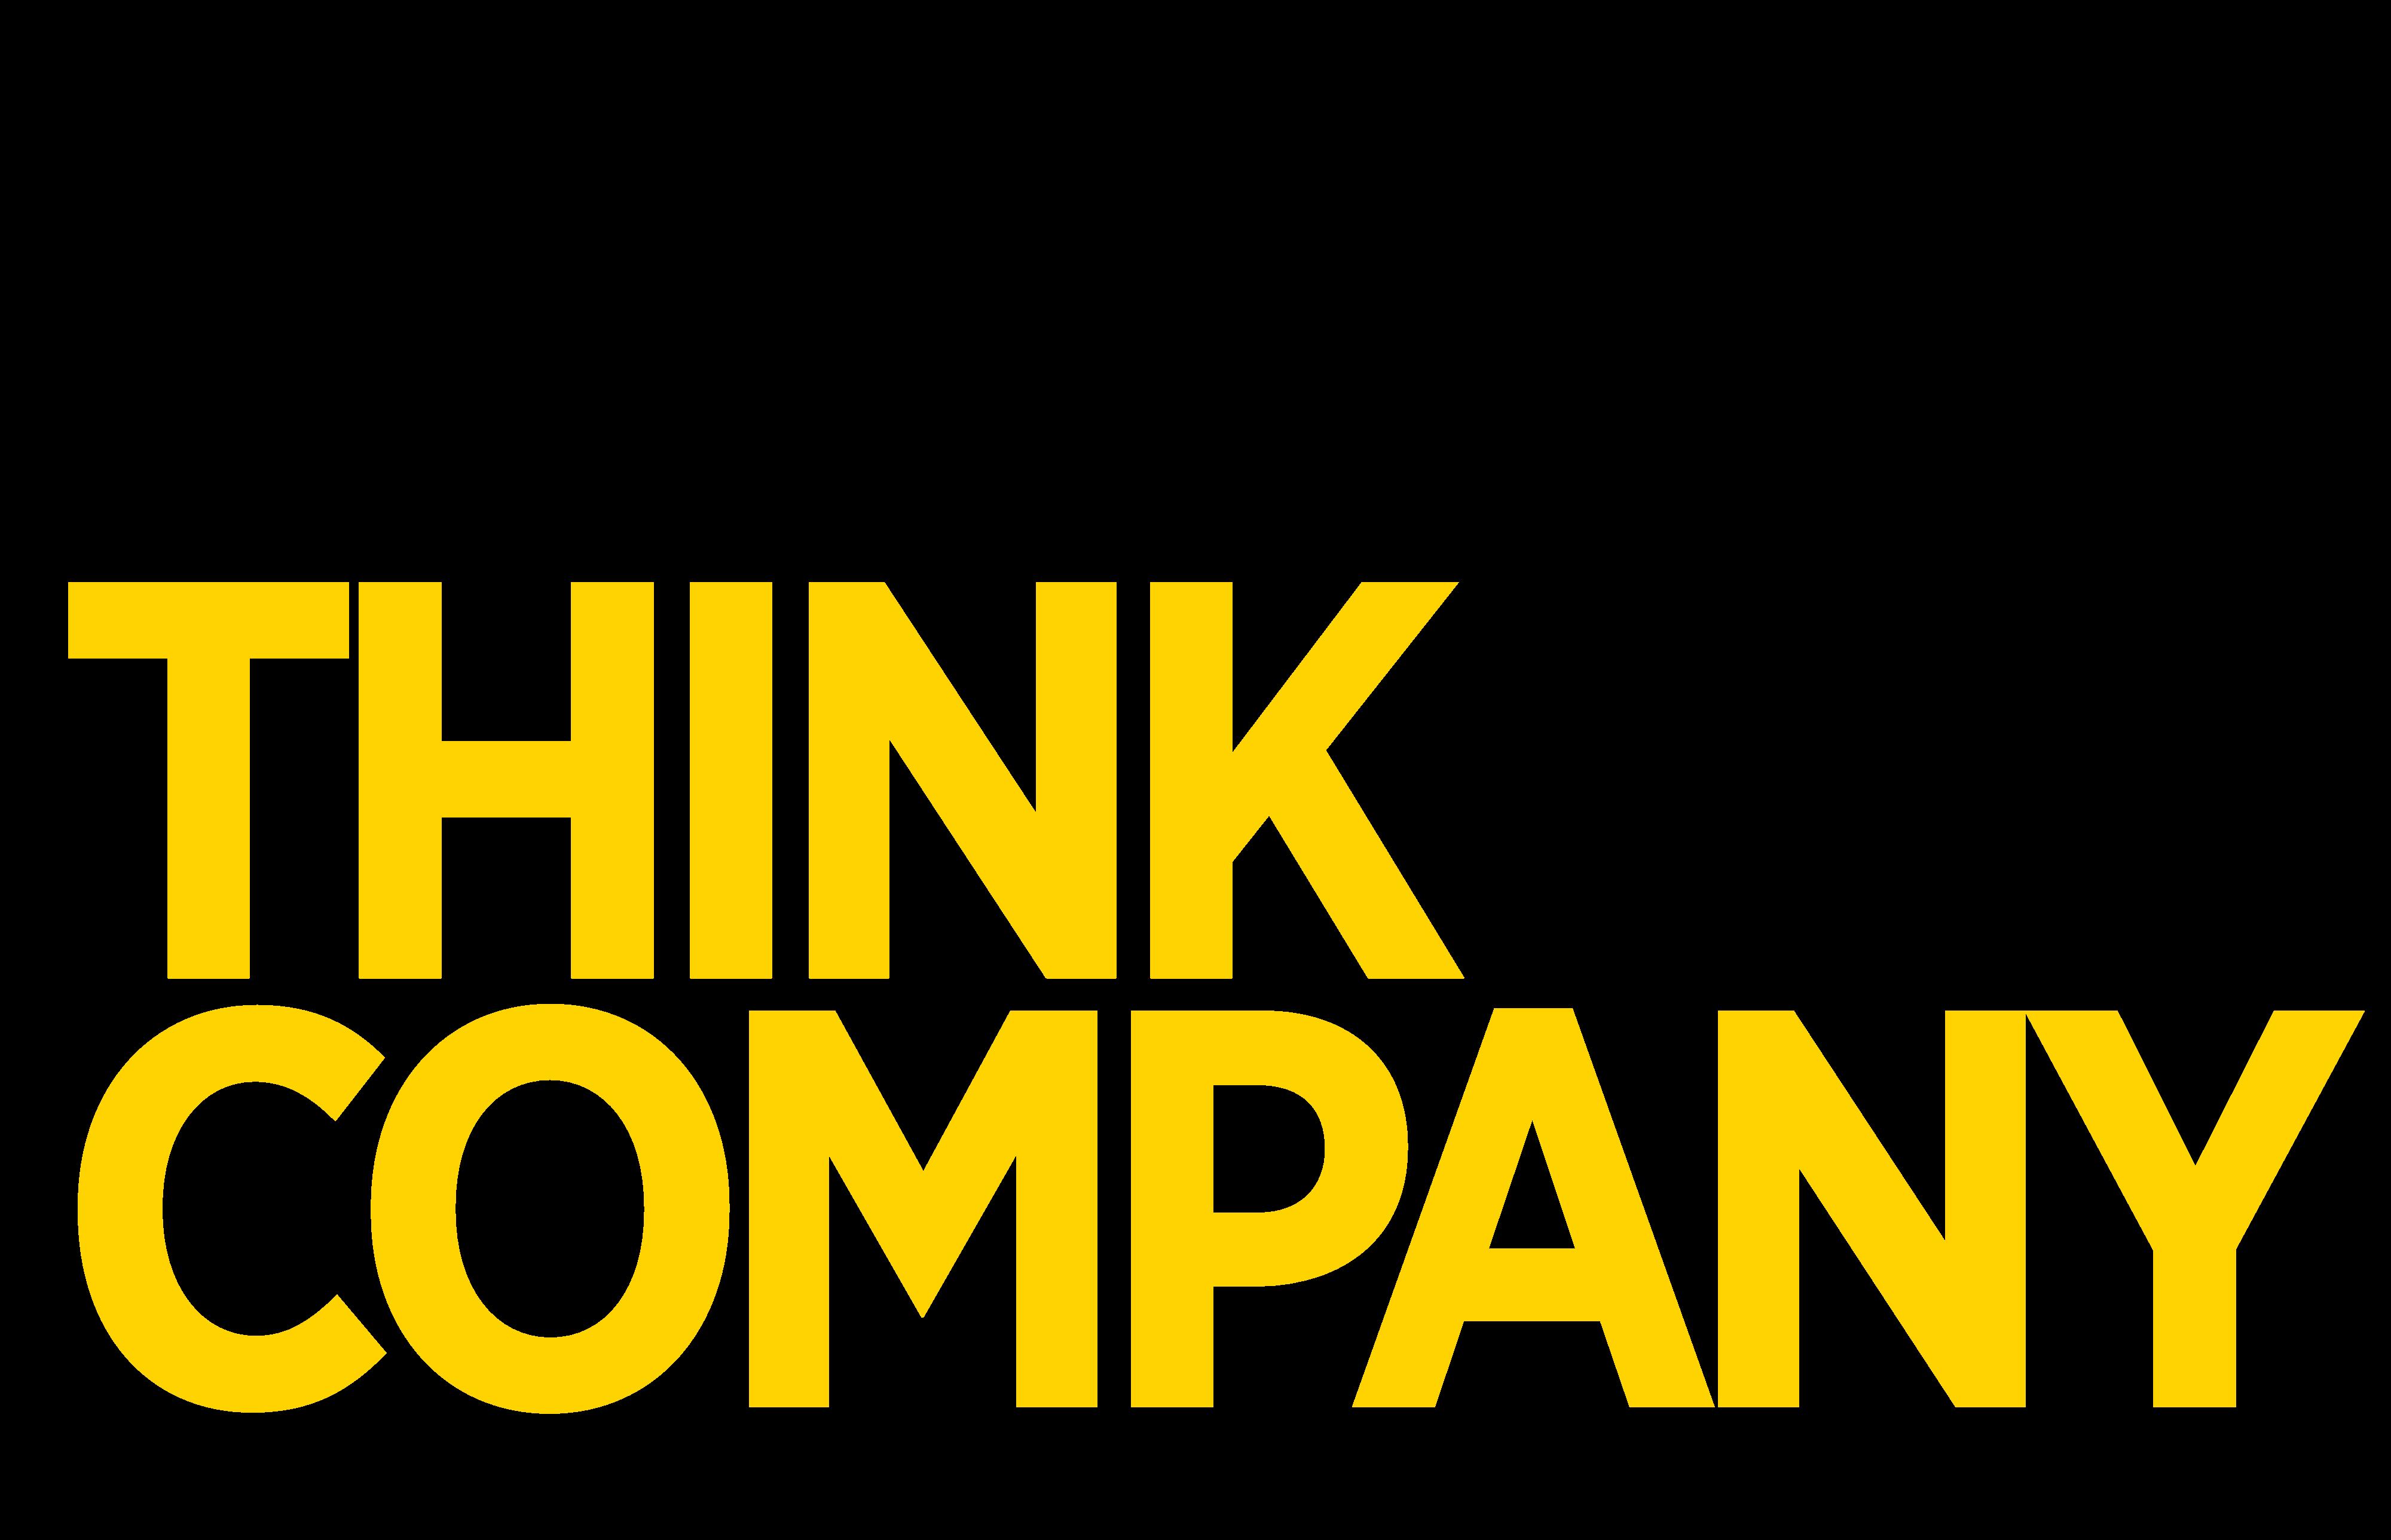 Helsinki Think Company